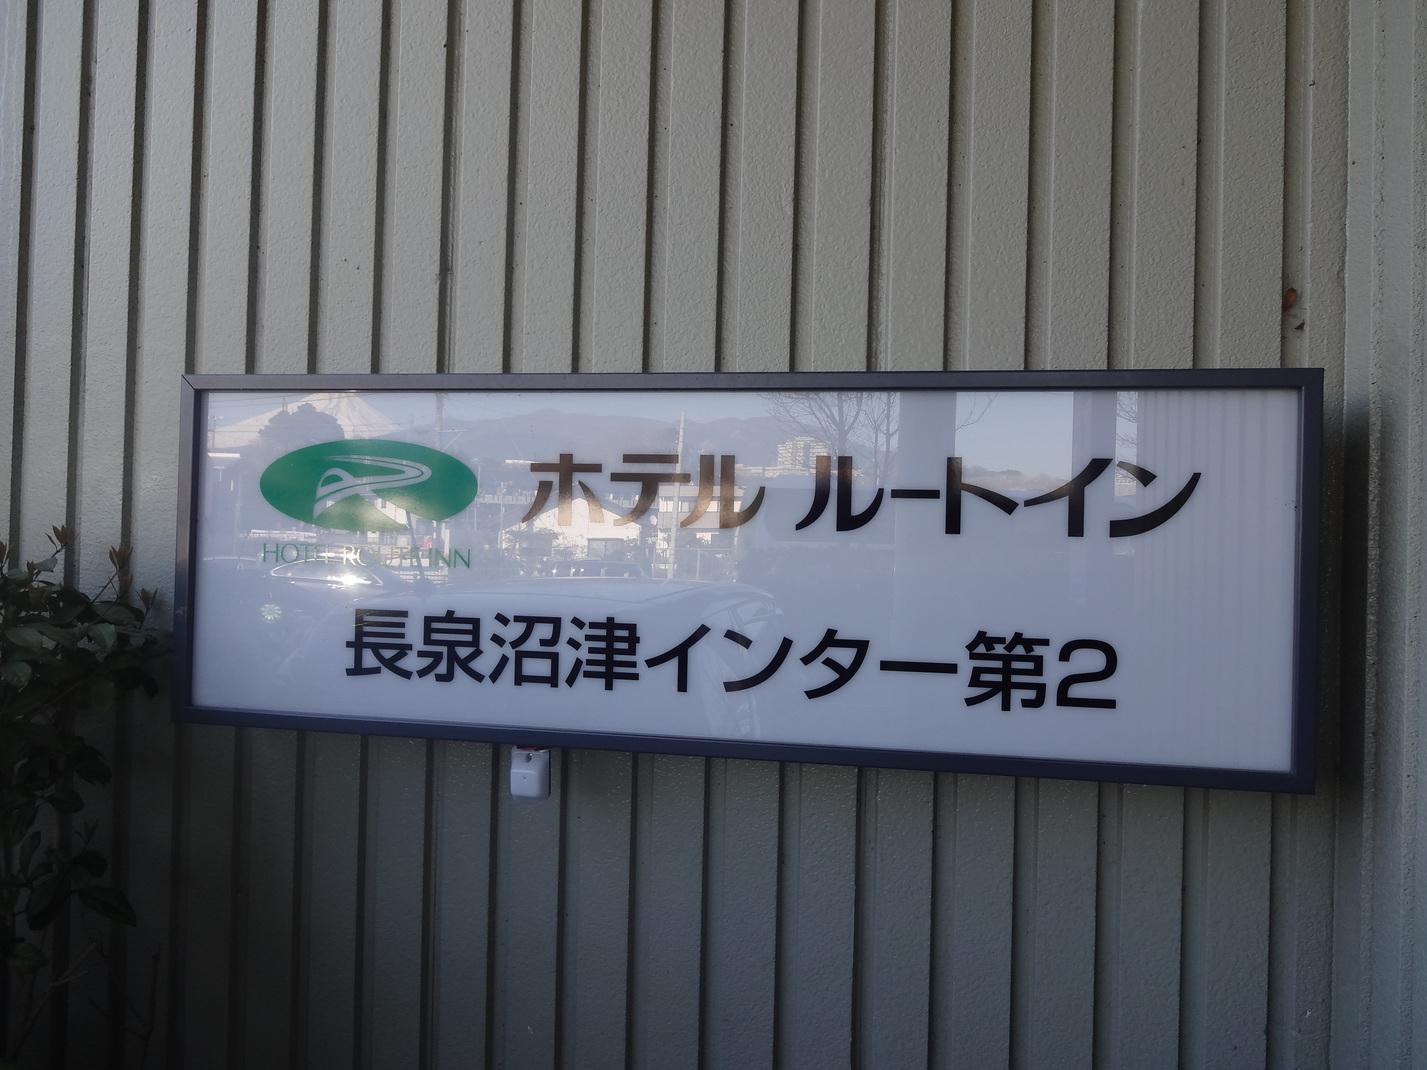 ホテルルートイン 長泉沼津インター第2 name=